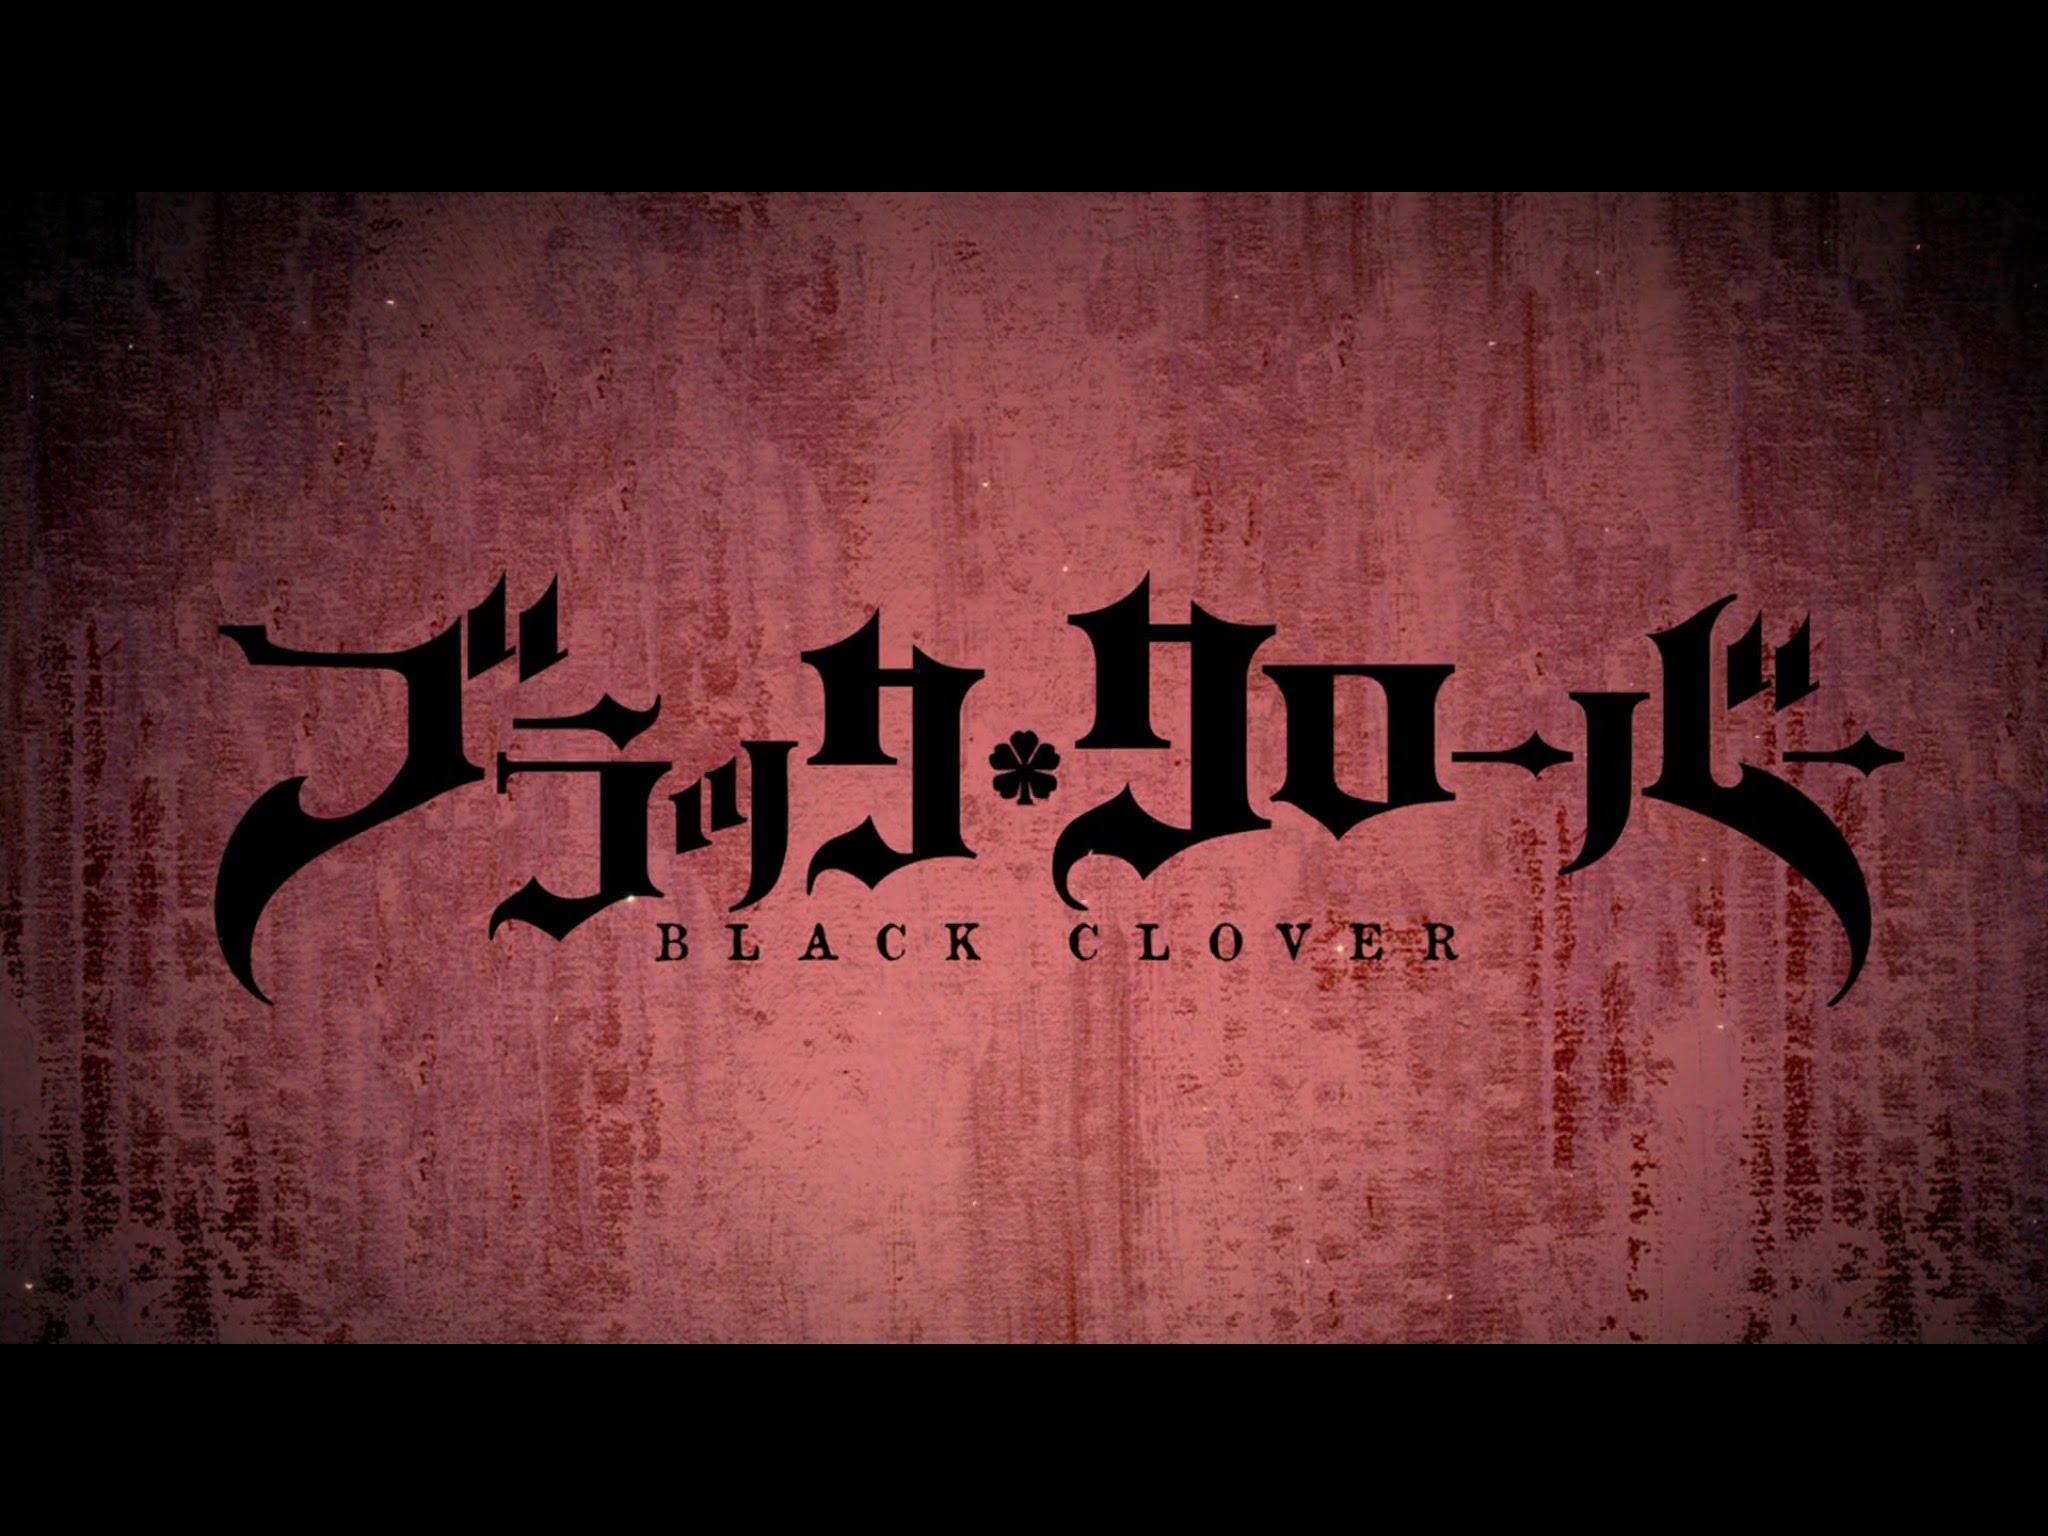 Black Clover titre